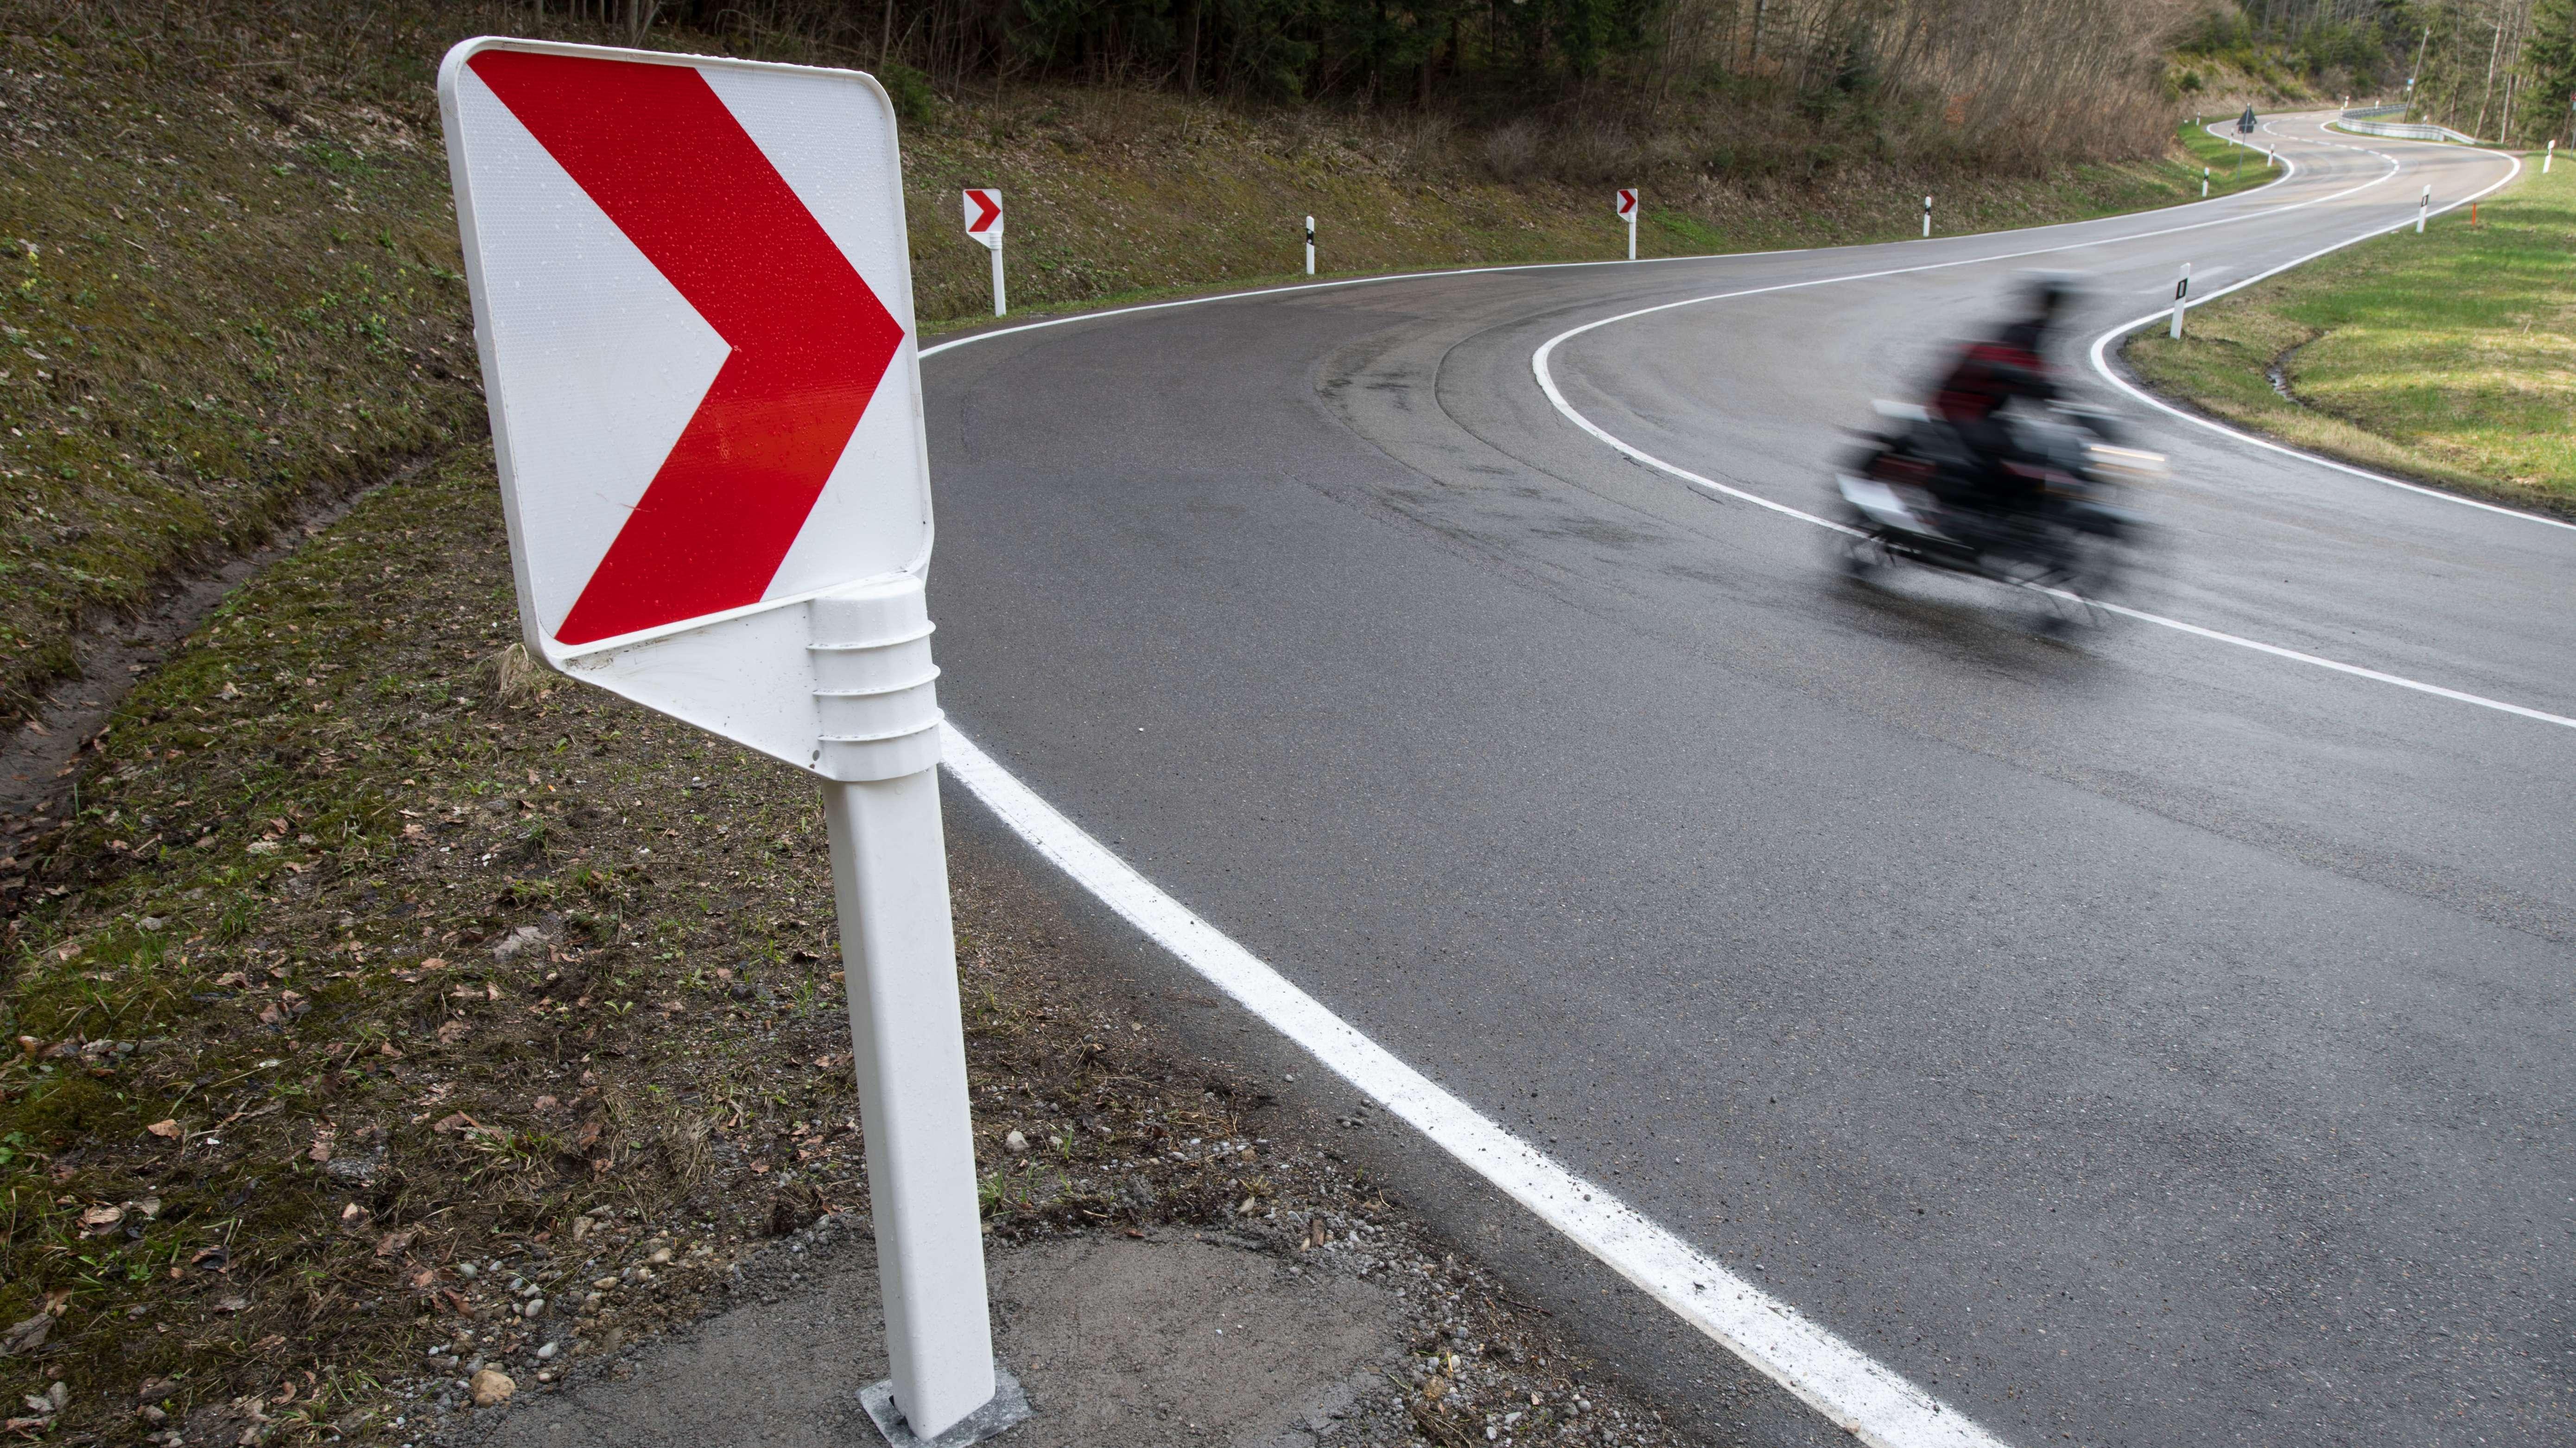 Ein Motorradfahrer fährt bei Balingen in Baden-Württemberg auf der Landstraße 440 an einer Kurvenleittafel aus Kunststoff vorbei,